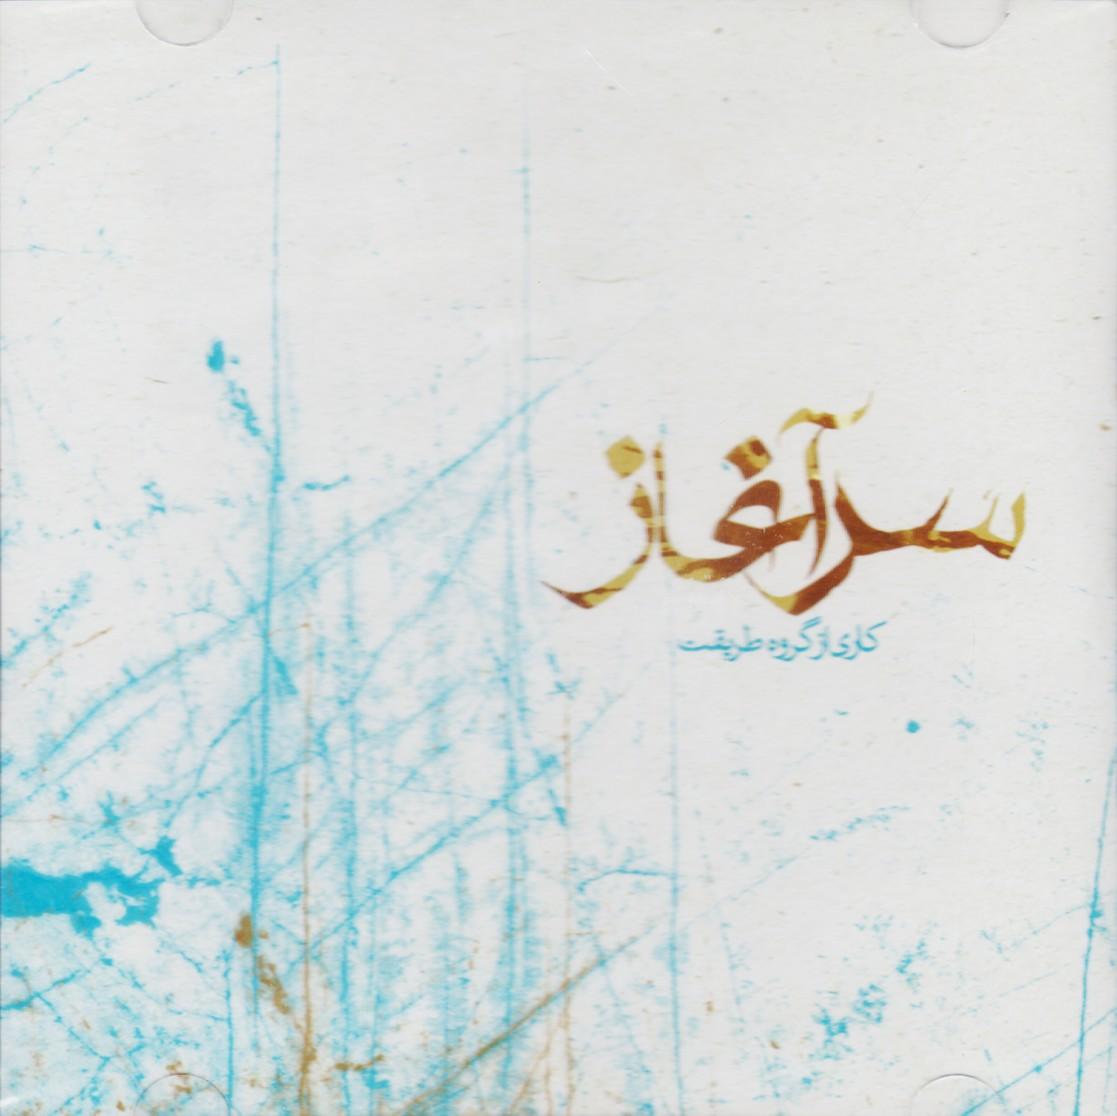 سرآغاز: کاری از گروه طریقت